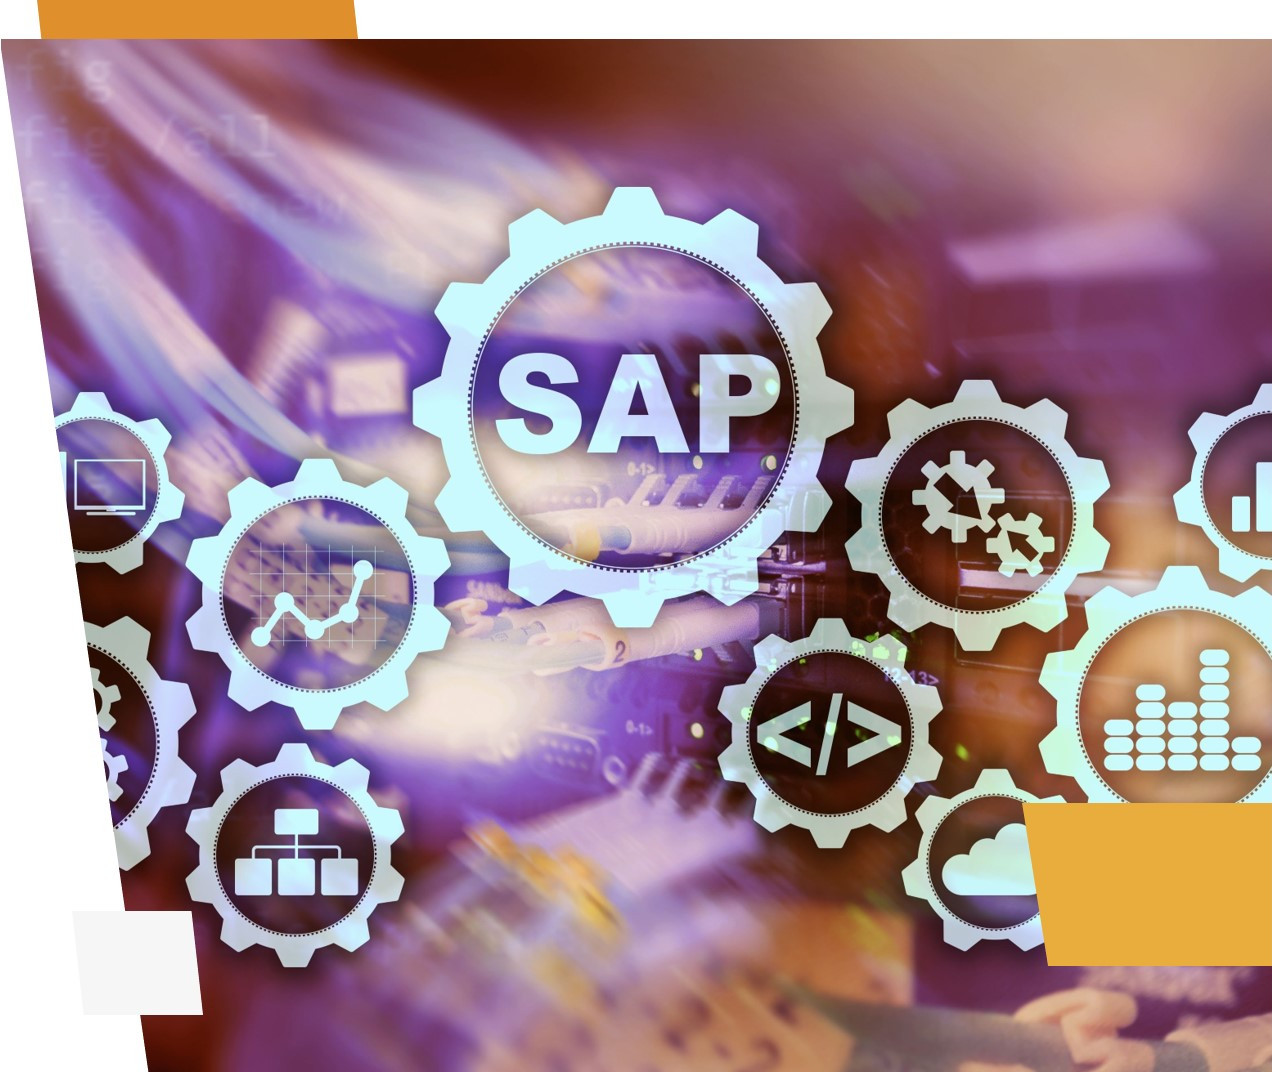 https://aequitas-integration.de/wp-content/uploads/2020/05/SAP-Final.jpg